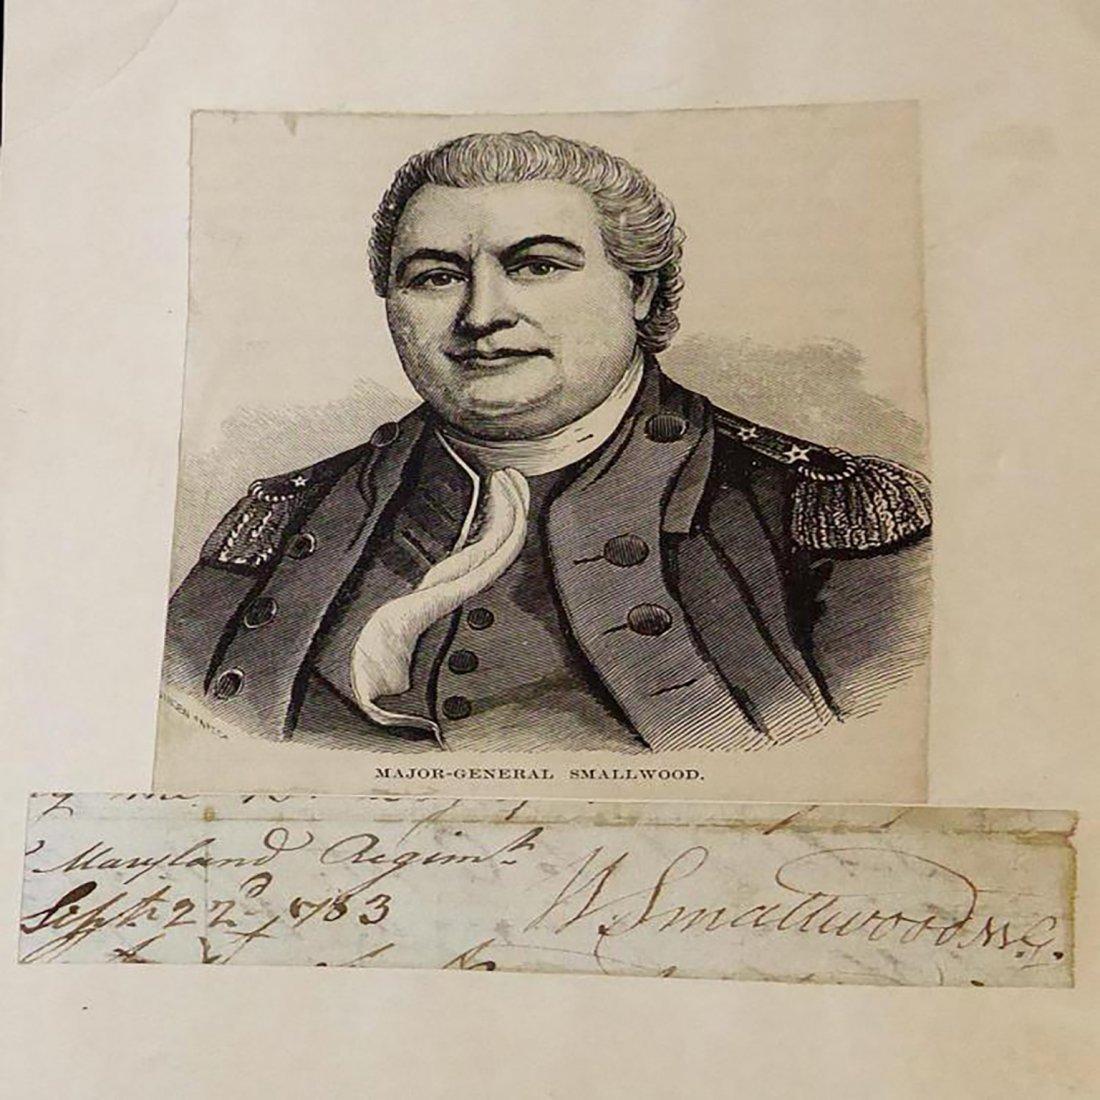 Rev. War Signature Of Major G. William Smallwood